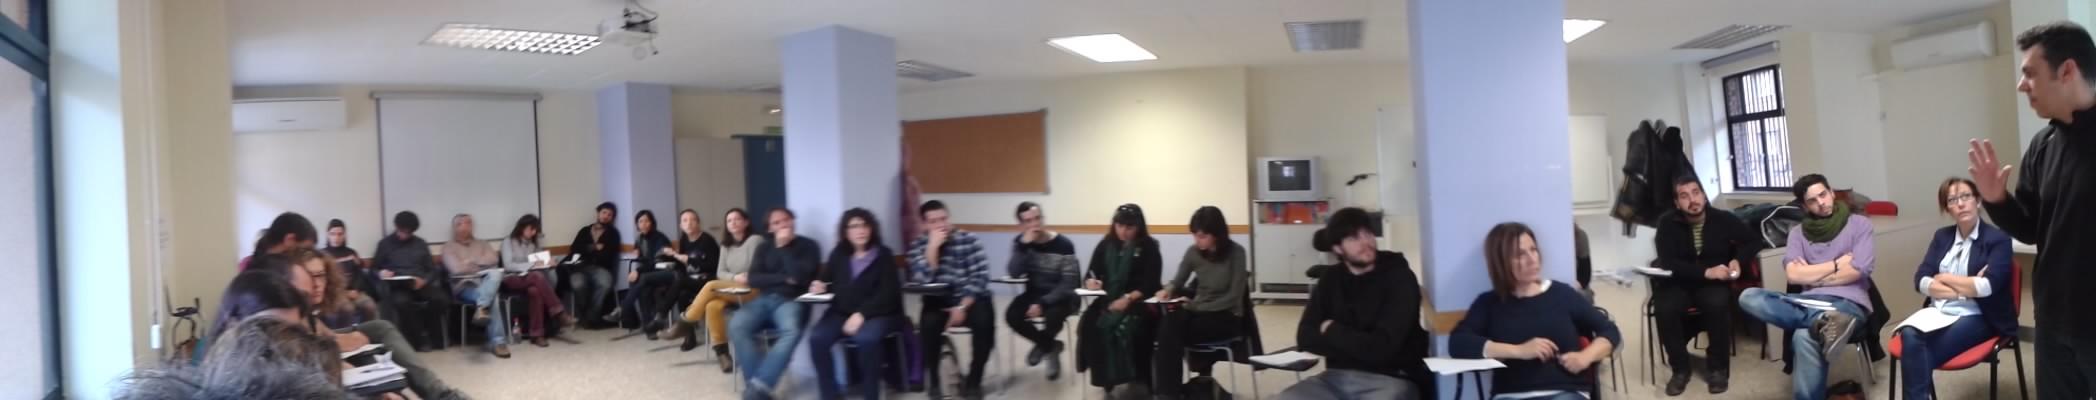 ¿Qué objeto definiría la intervención para la participación juvenil hoy?